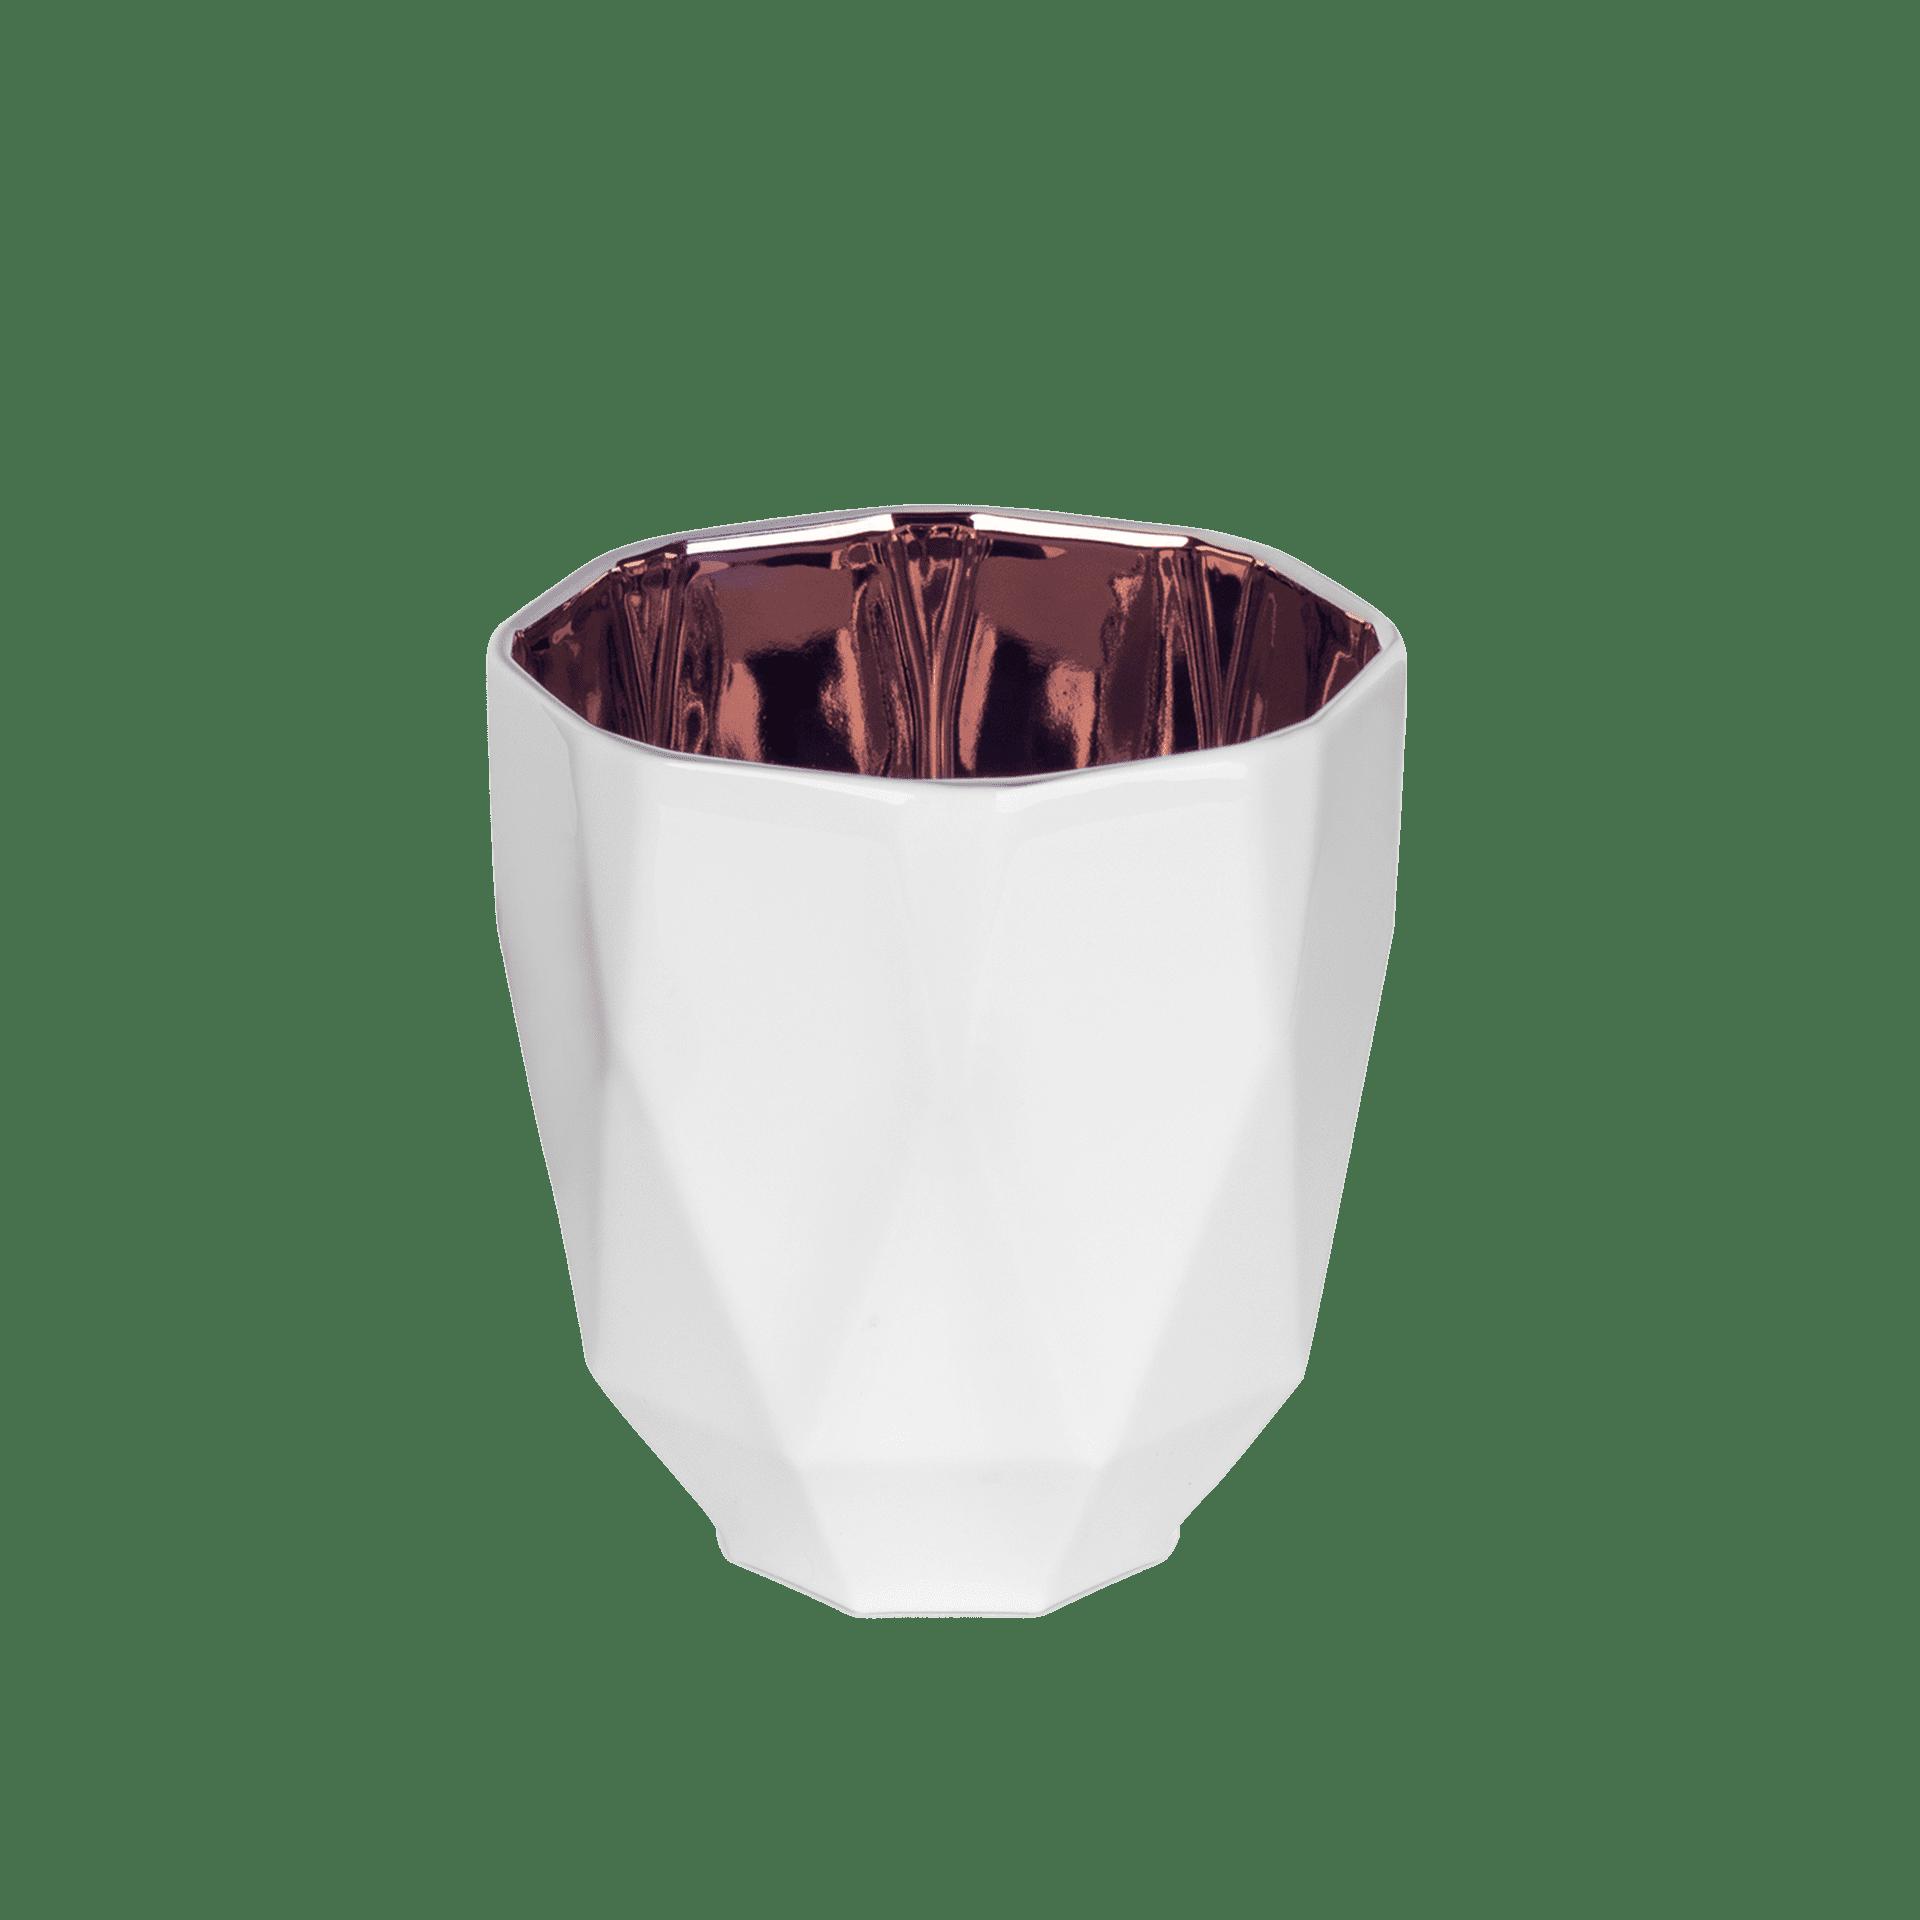 Tischlicht aus Porzellan - Mahlwerck Online Shop